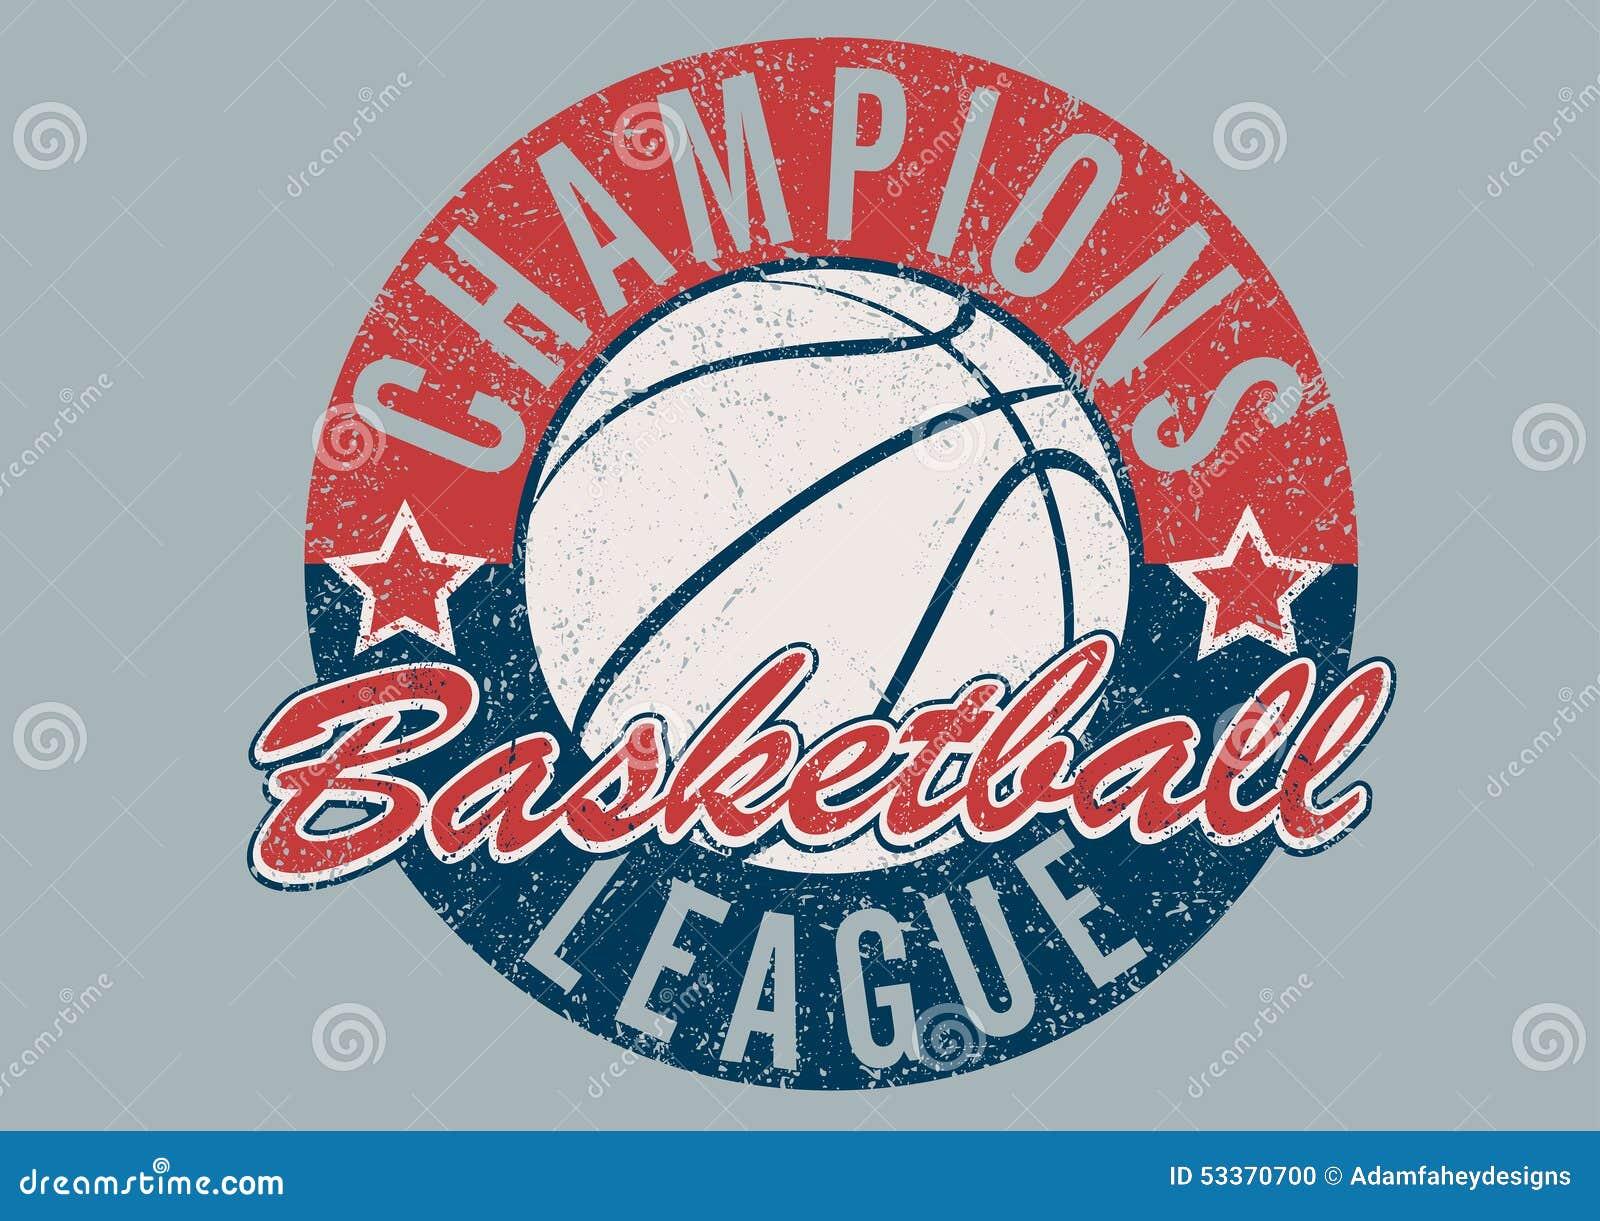 Печать чемпионов баскетбола огорченная лигой